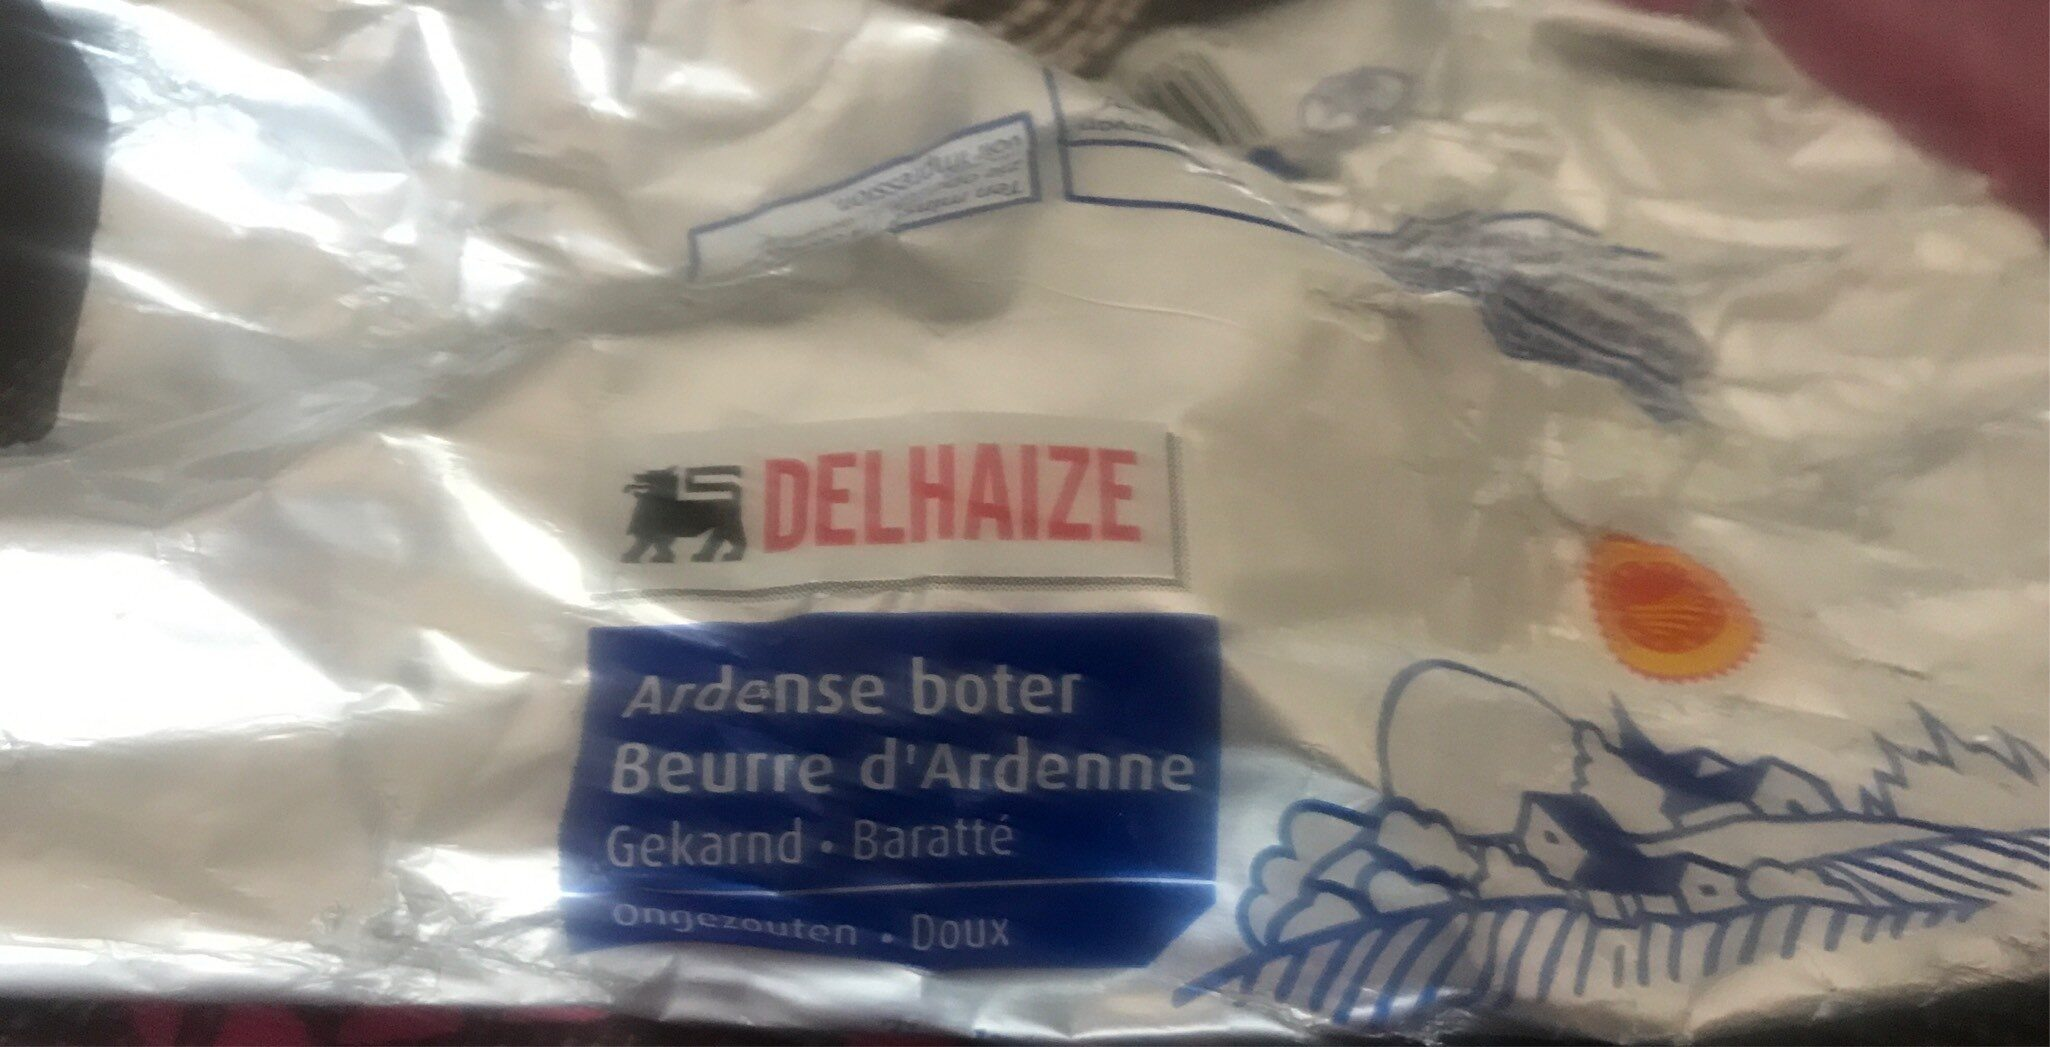 Beurre d'Ardenne Doux - Product - fr